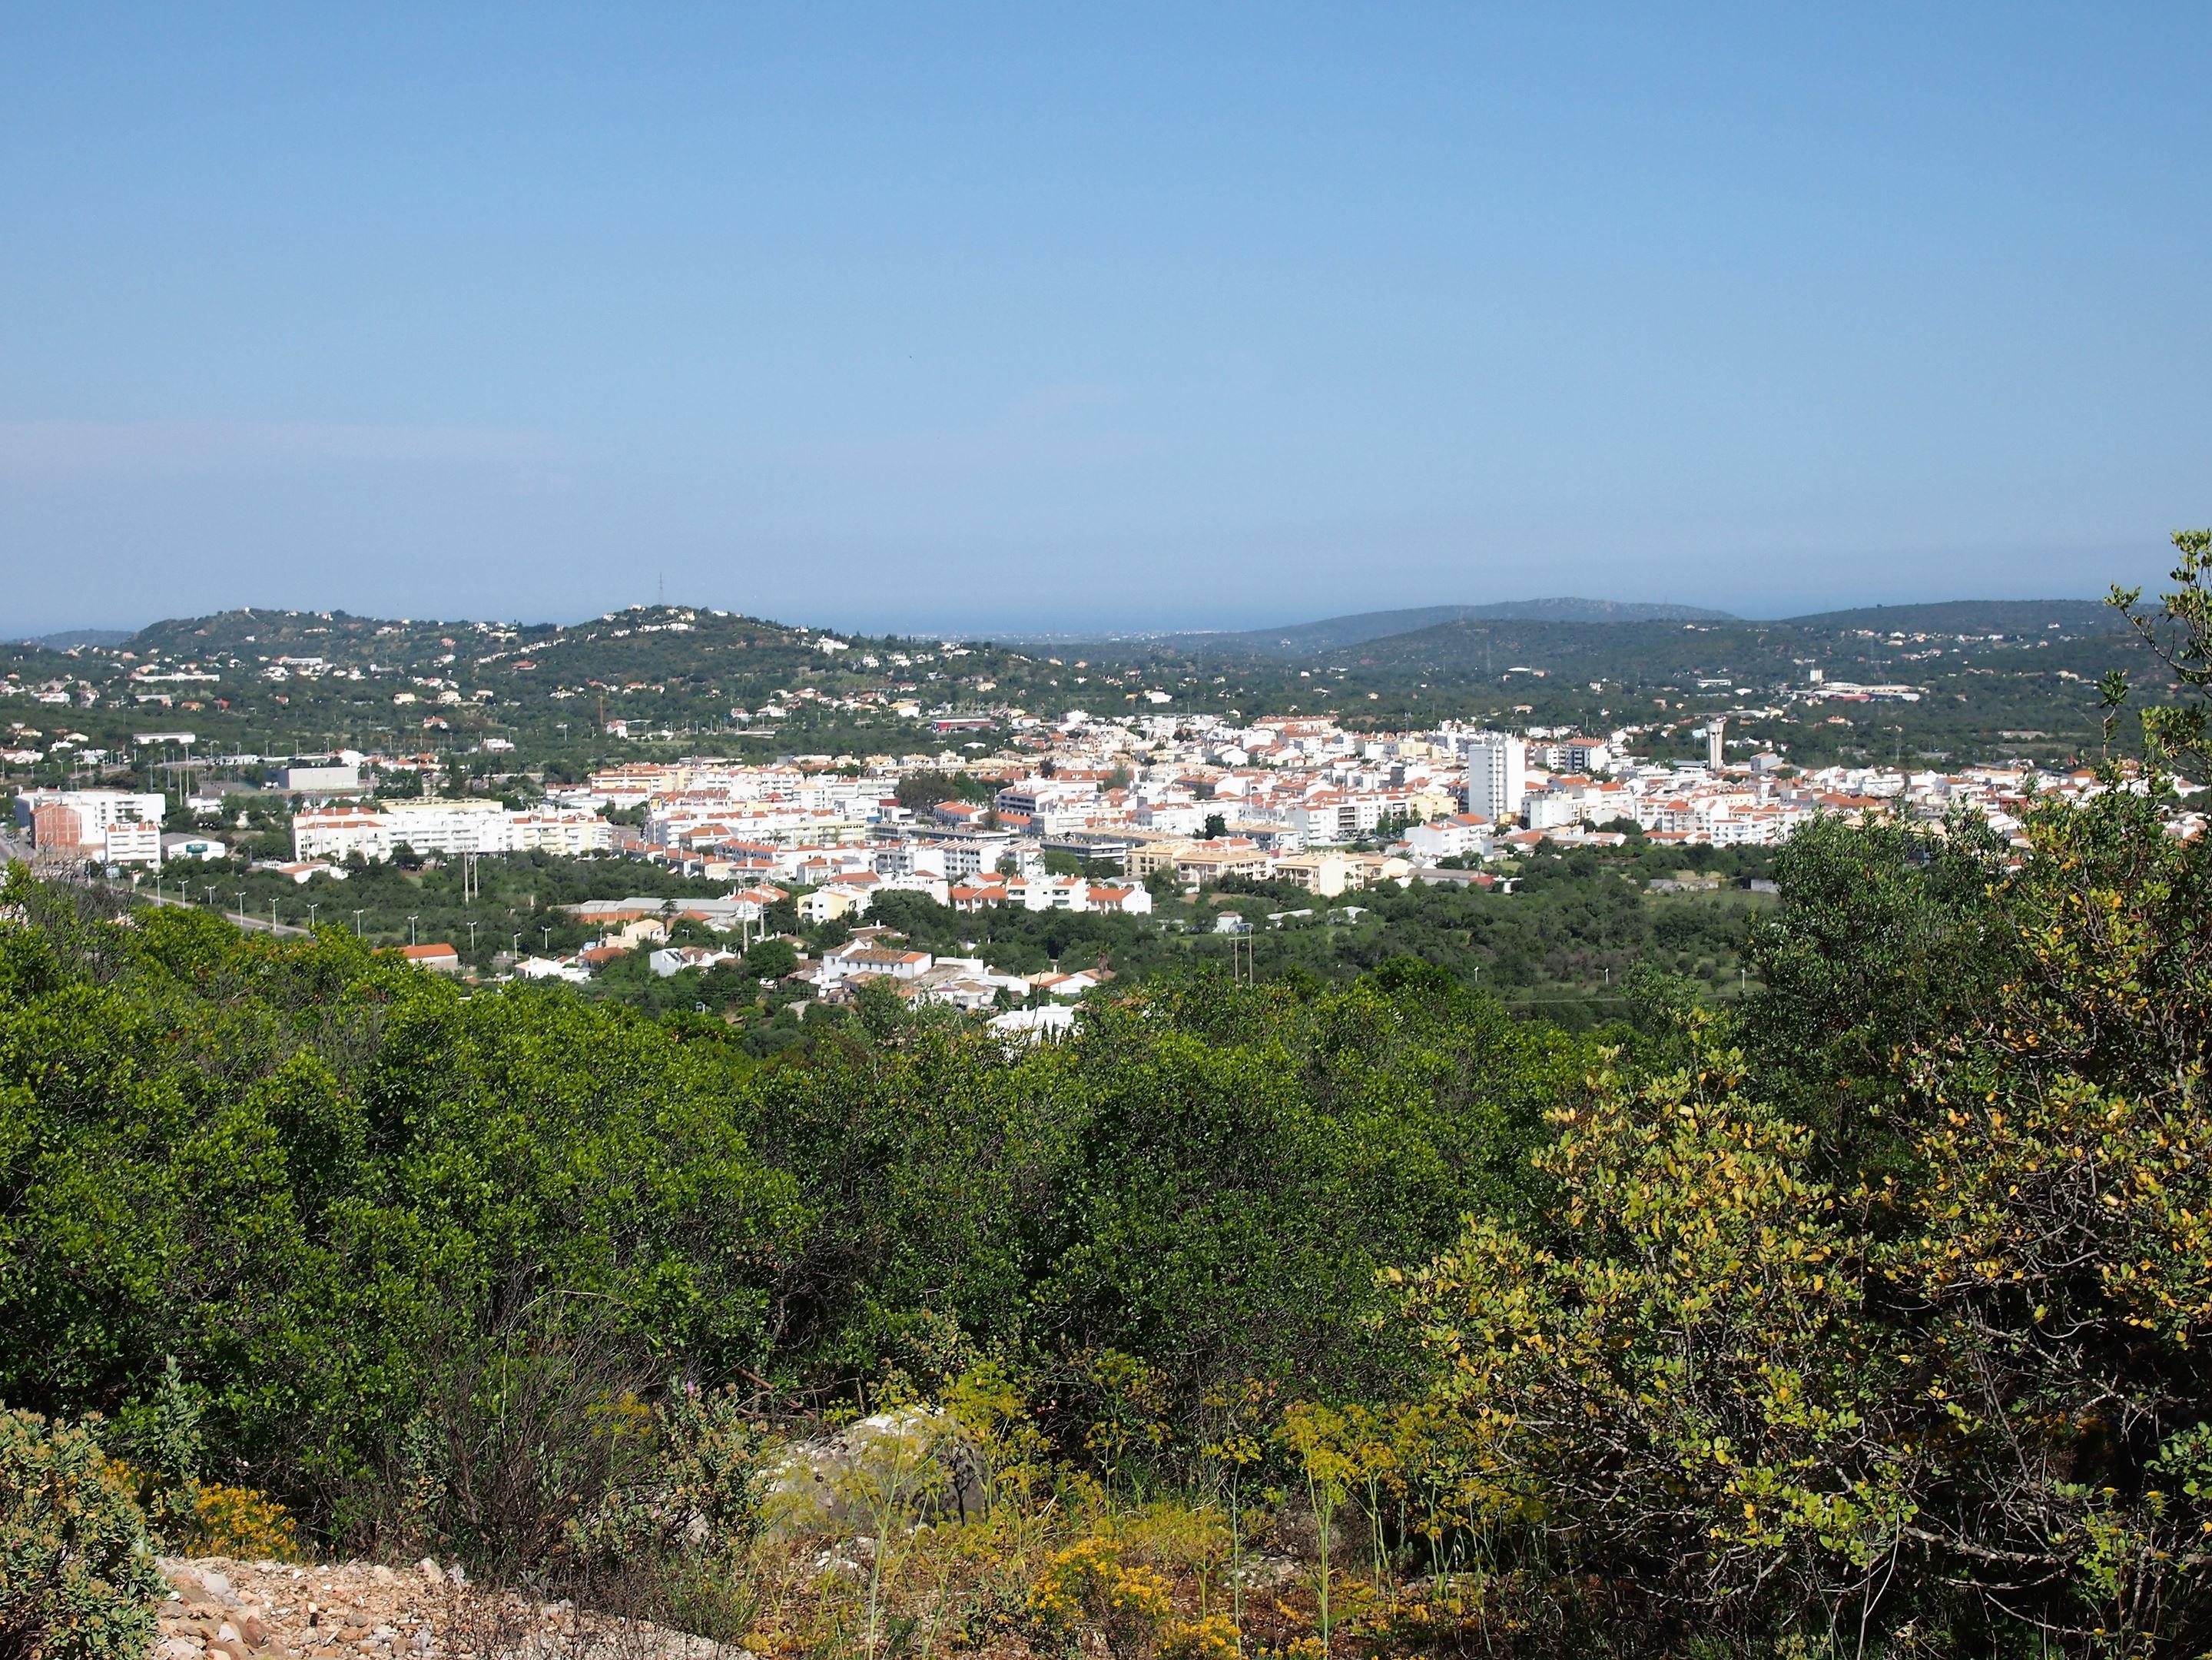 Vista da cidade de São Brás de Alportel, a partir do Miradouro do Alto da Arroteia